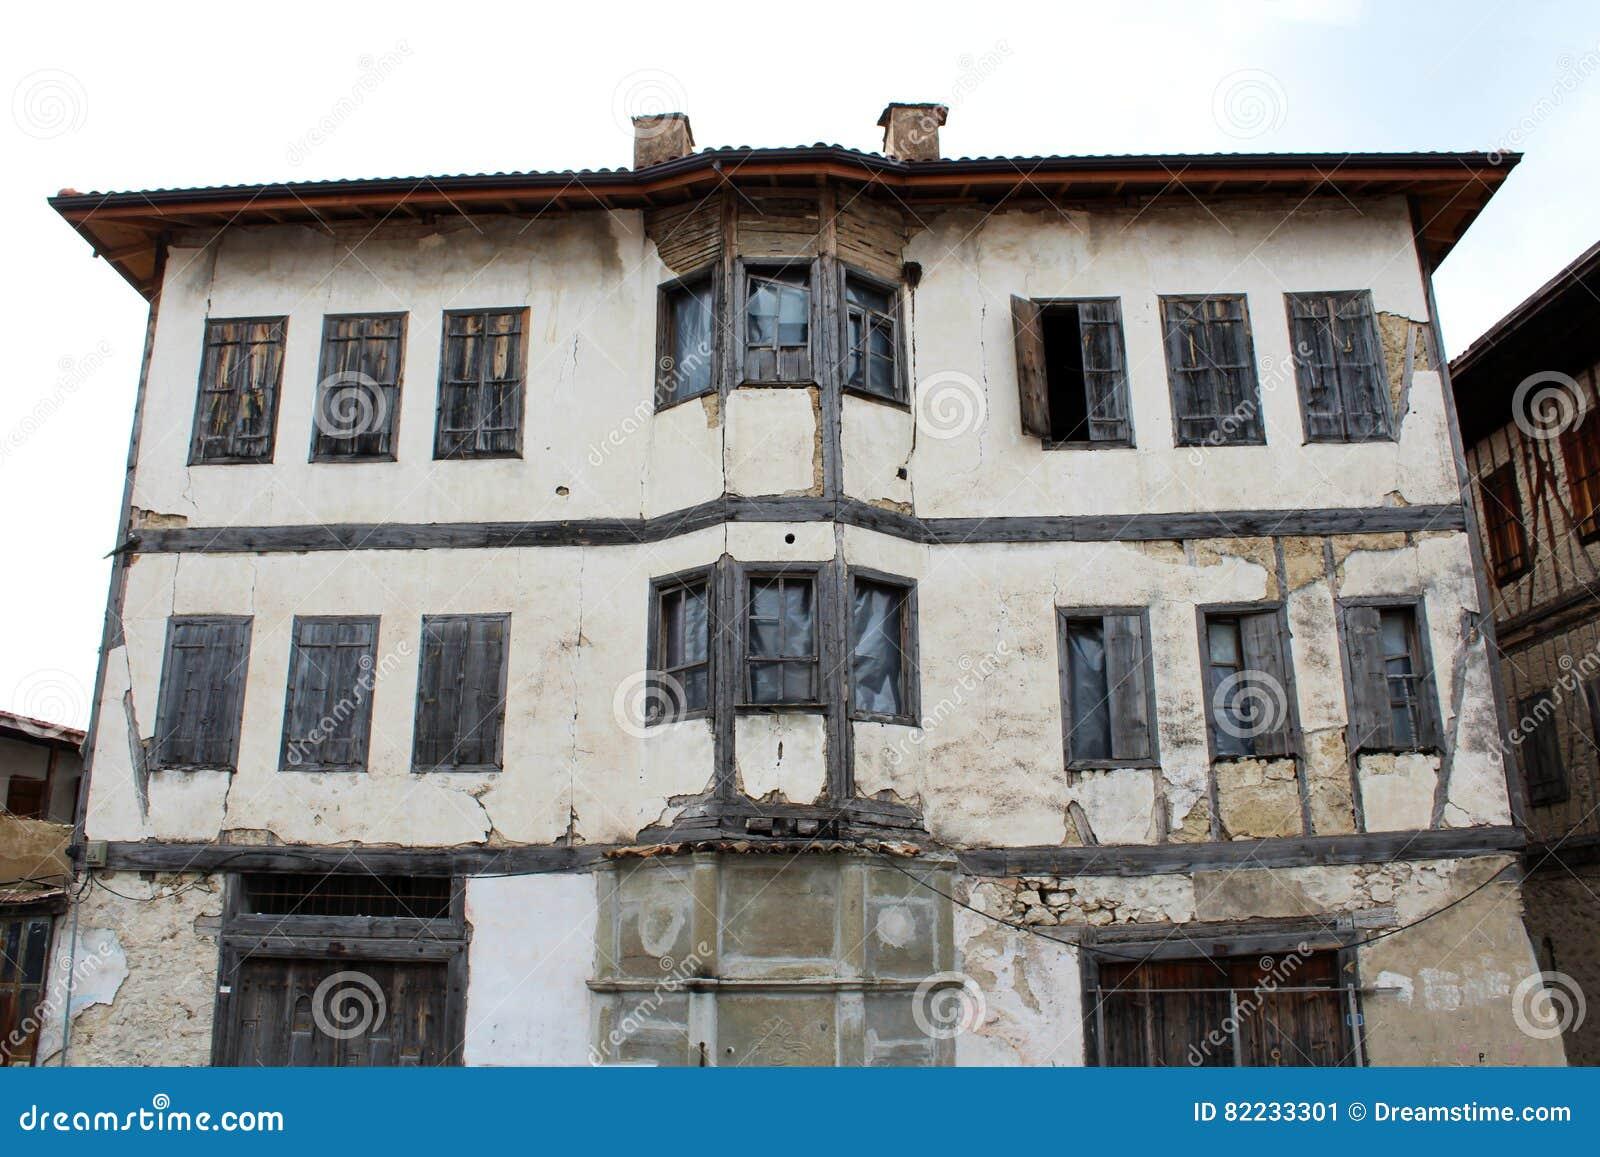 Altes Steinhaus In Safranbolu, Die Türkei Stockbild - Bild von ...